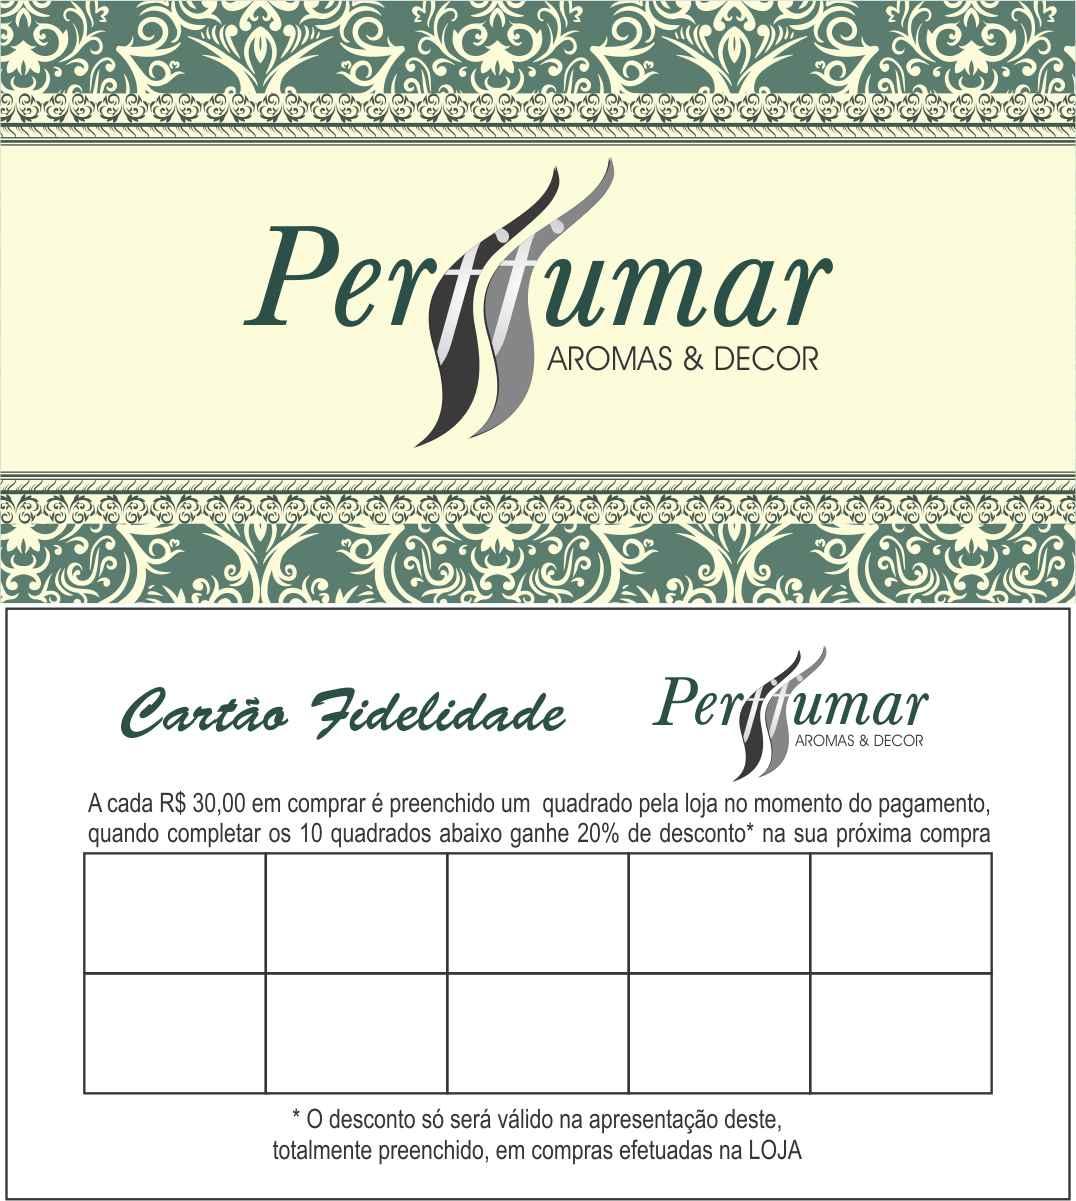 Excepcional Perffumar Aromas & Decor: Cartão fidelidade Perffumar BE65